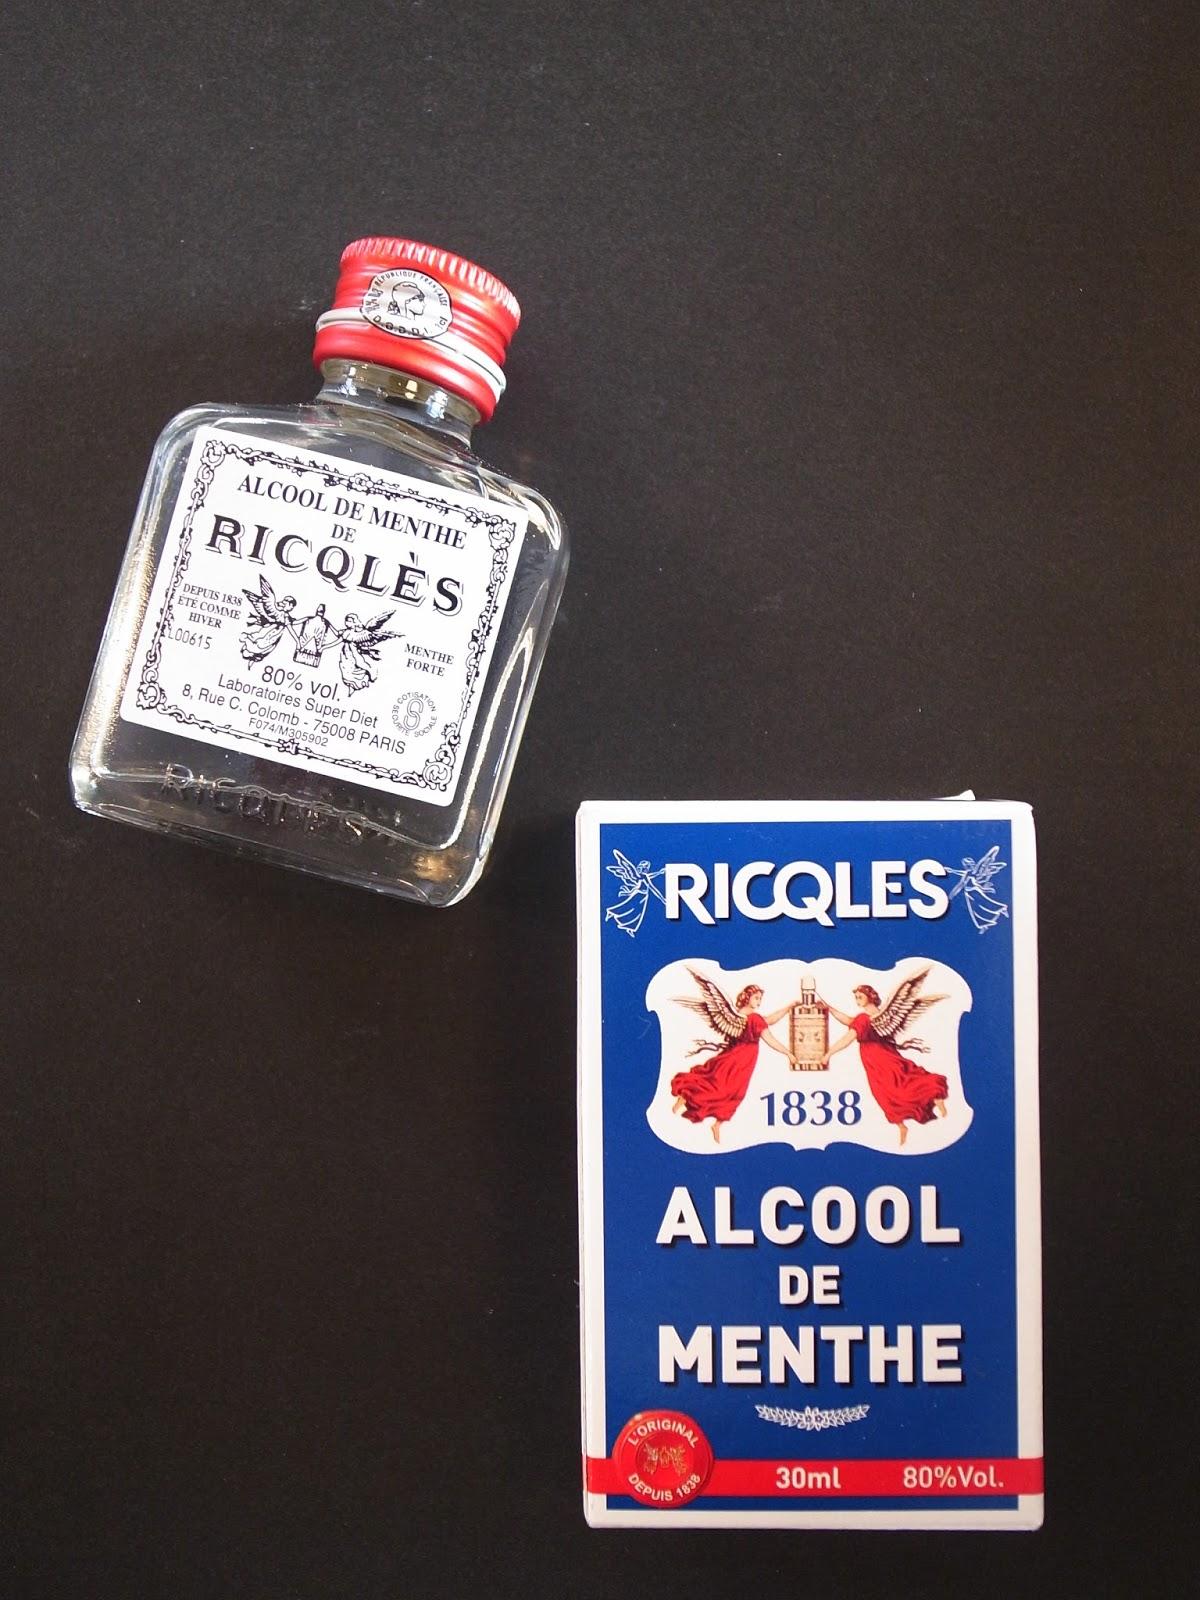 Arrondissement alcool de menthe ricql s for Alcool de menthe fait maison